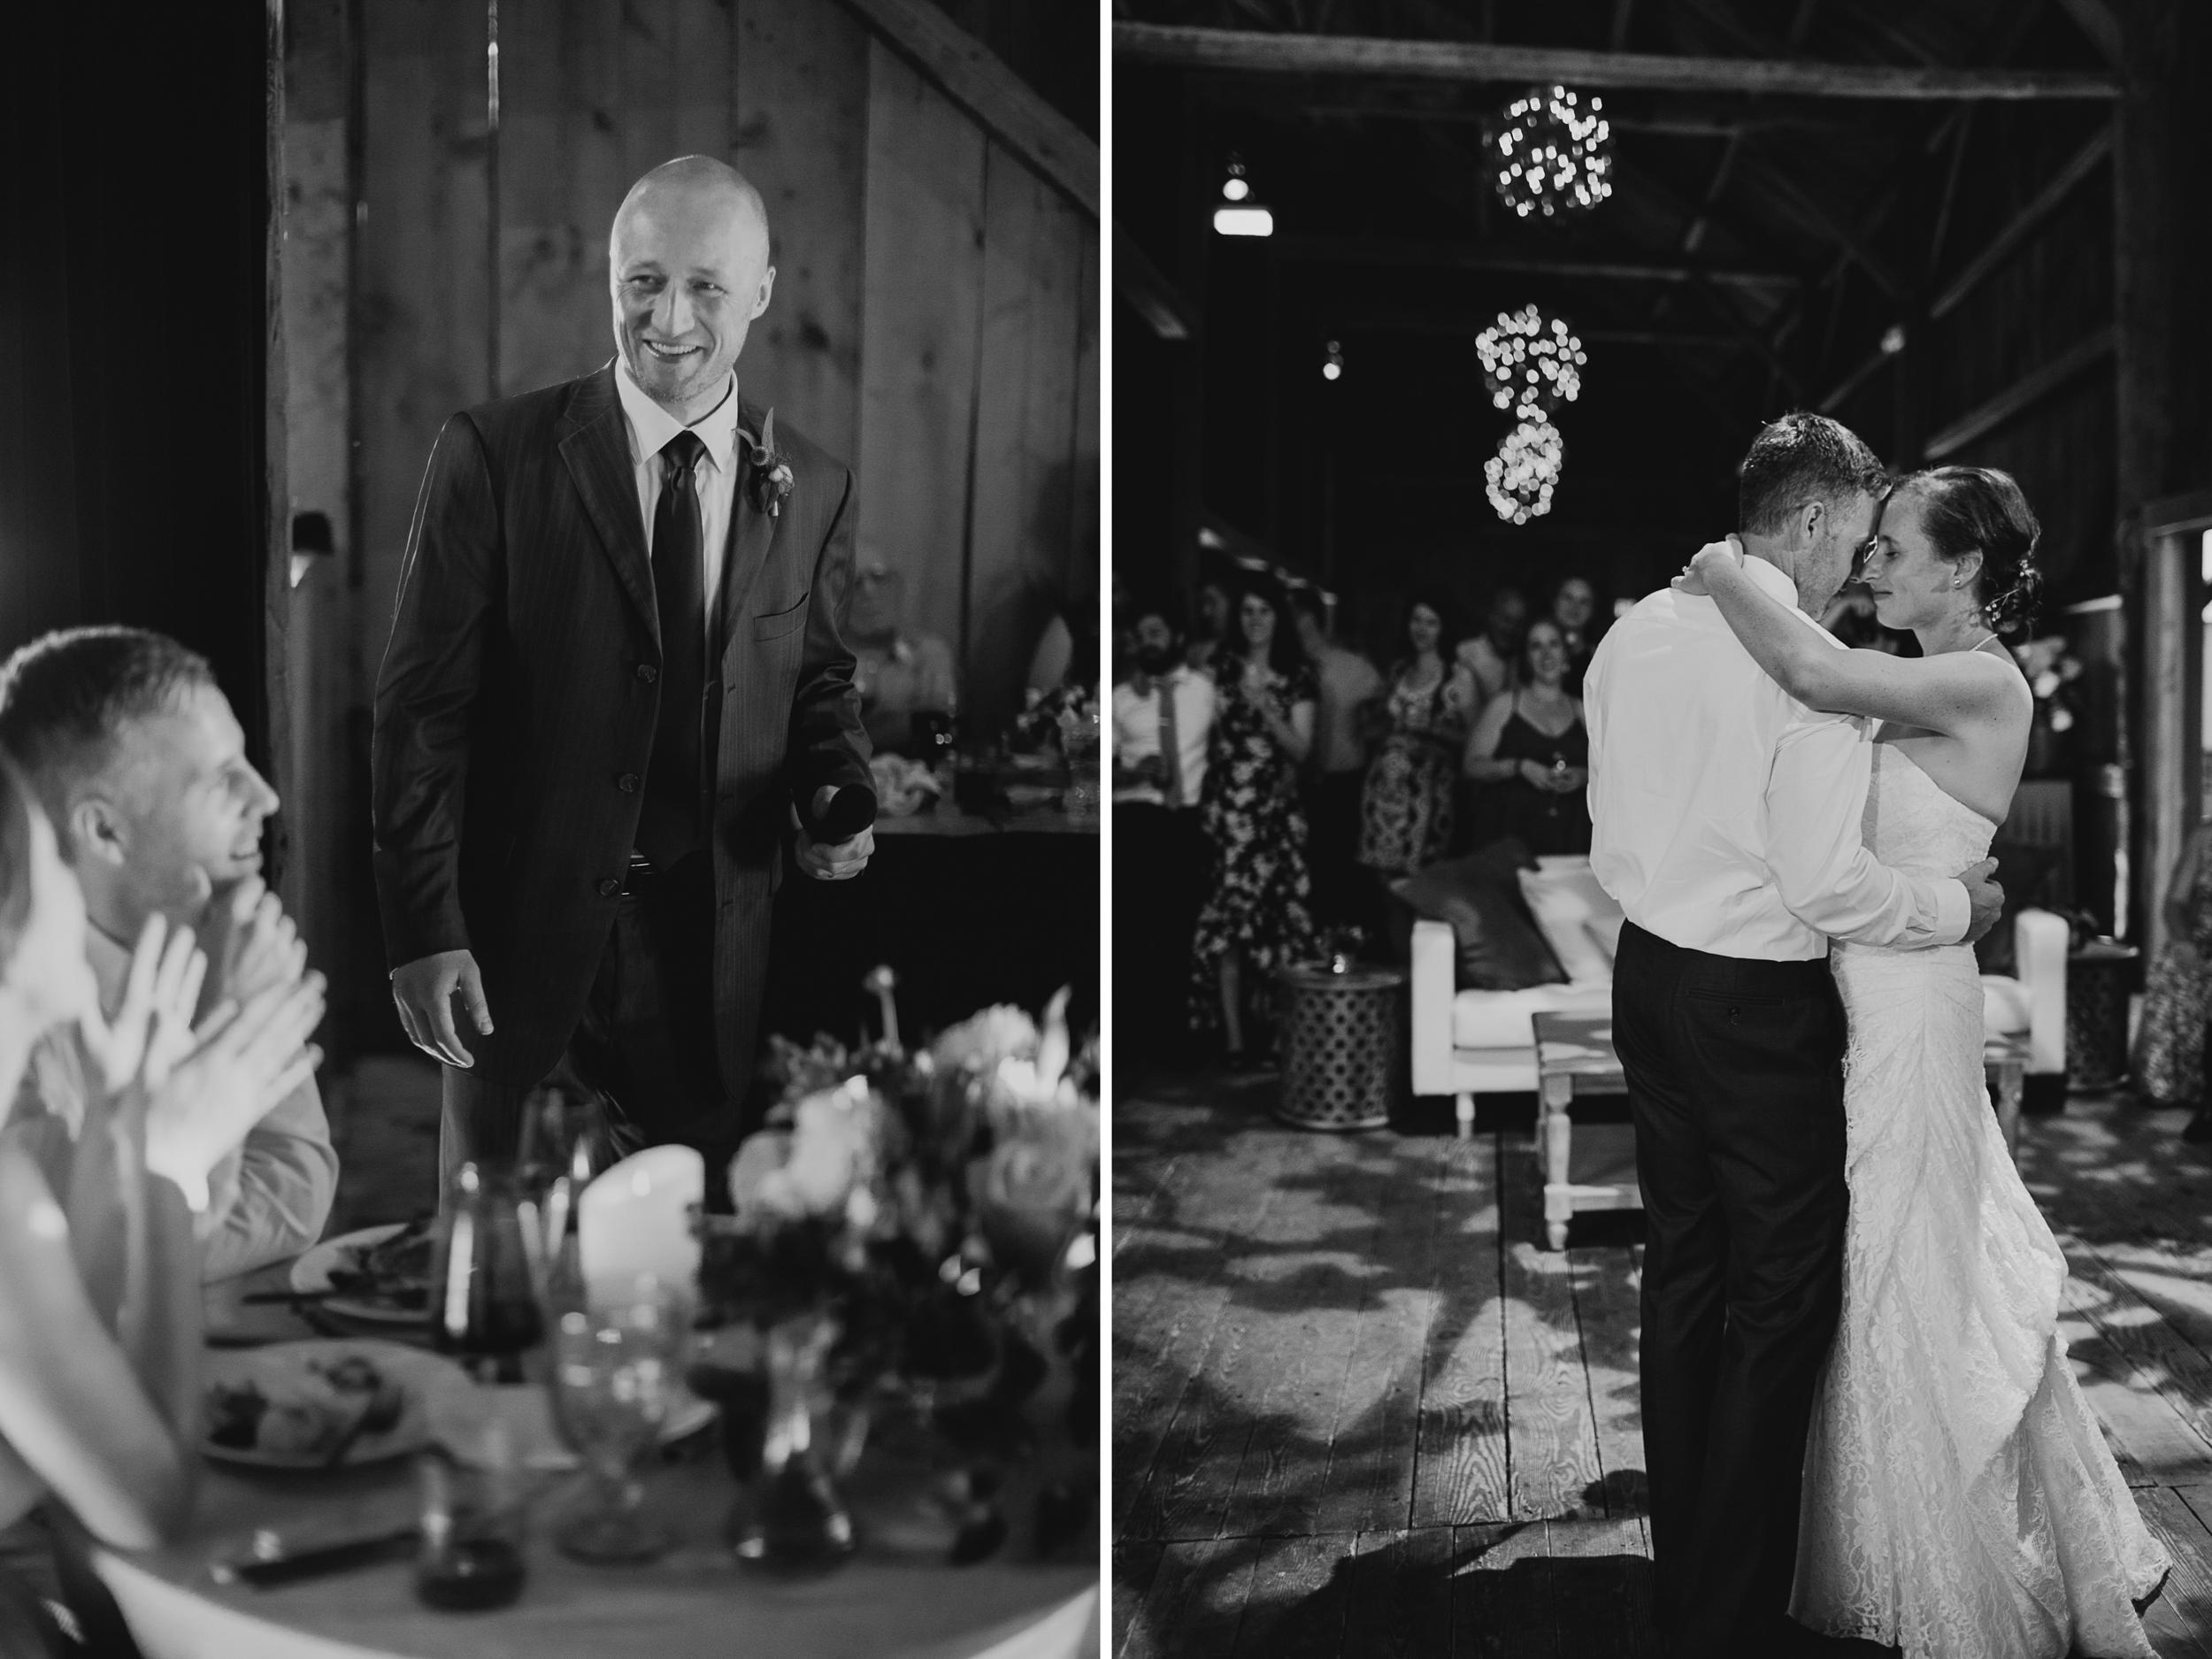 william_allen_farm_pownal_wedding_maine_michelleben-34.jpg